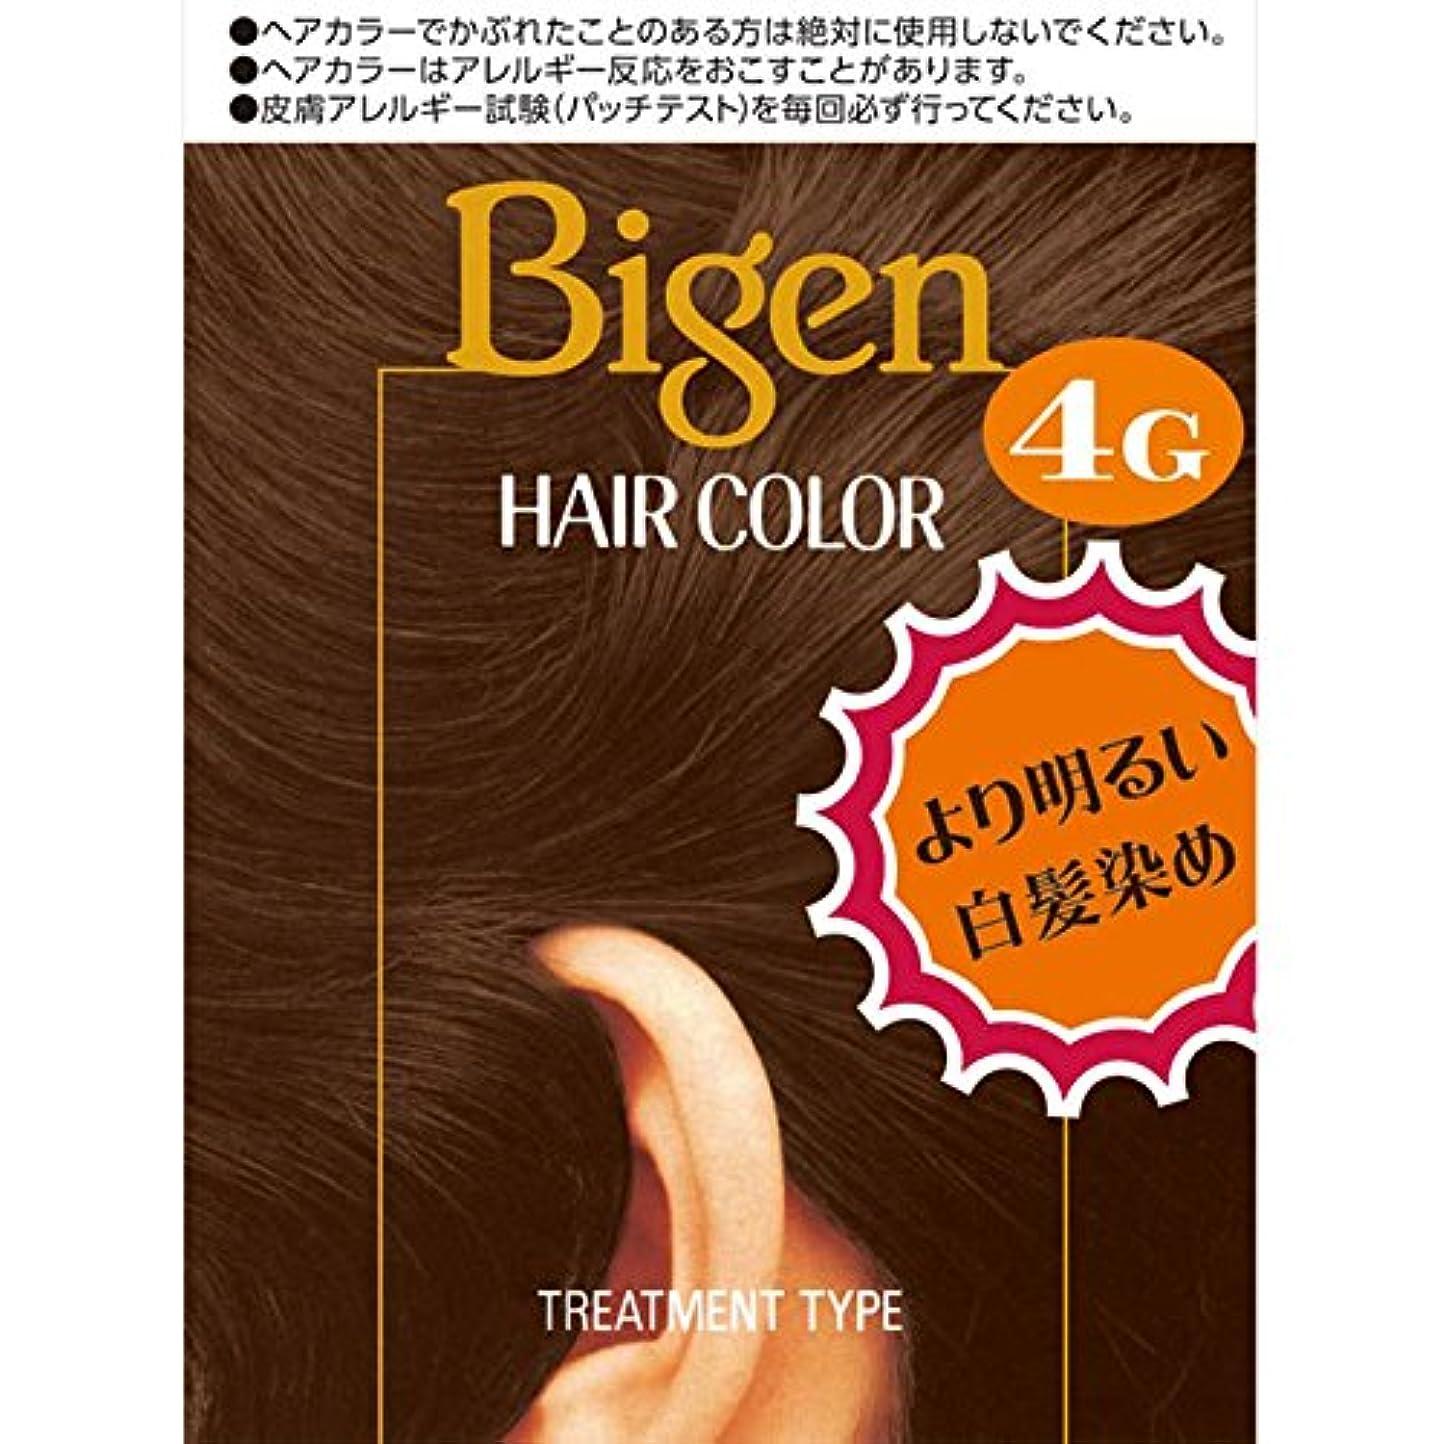 魅了する市民権底ホーユー ビゲン ヘアカラー 4G 自然な栗色 40ml×2 (医薬部外品)